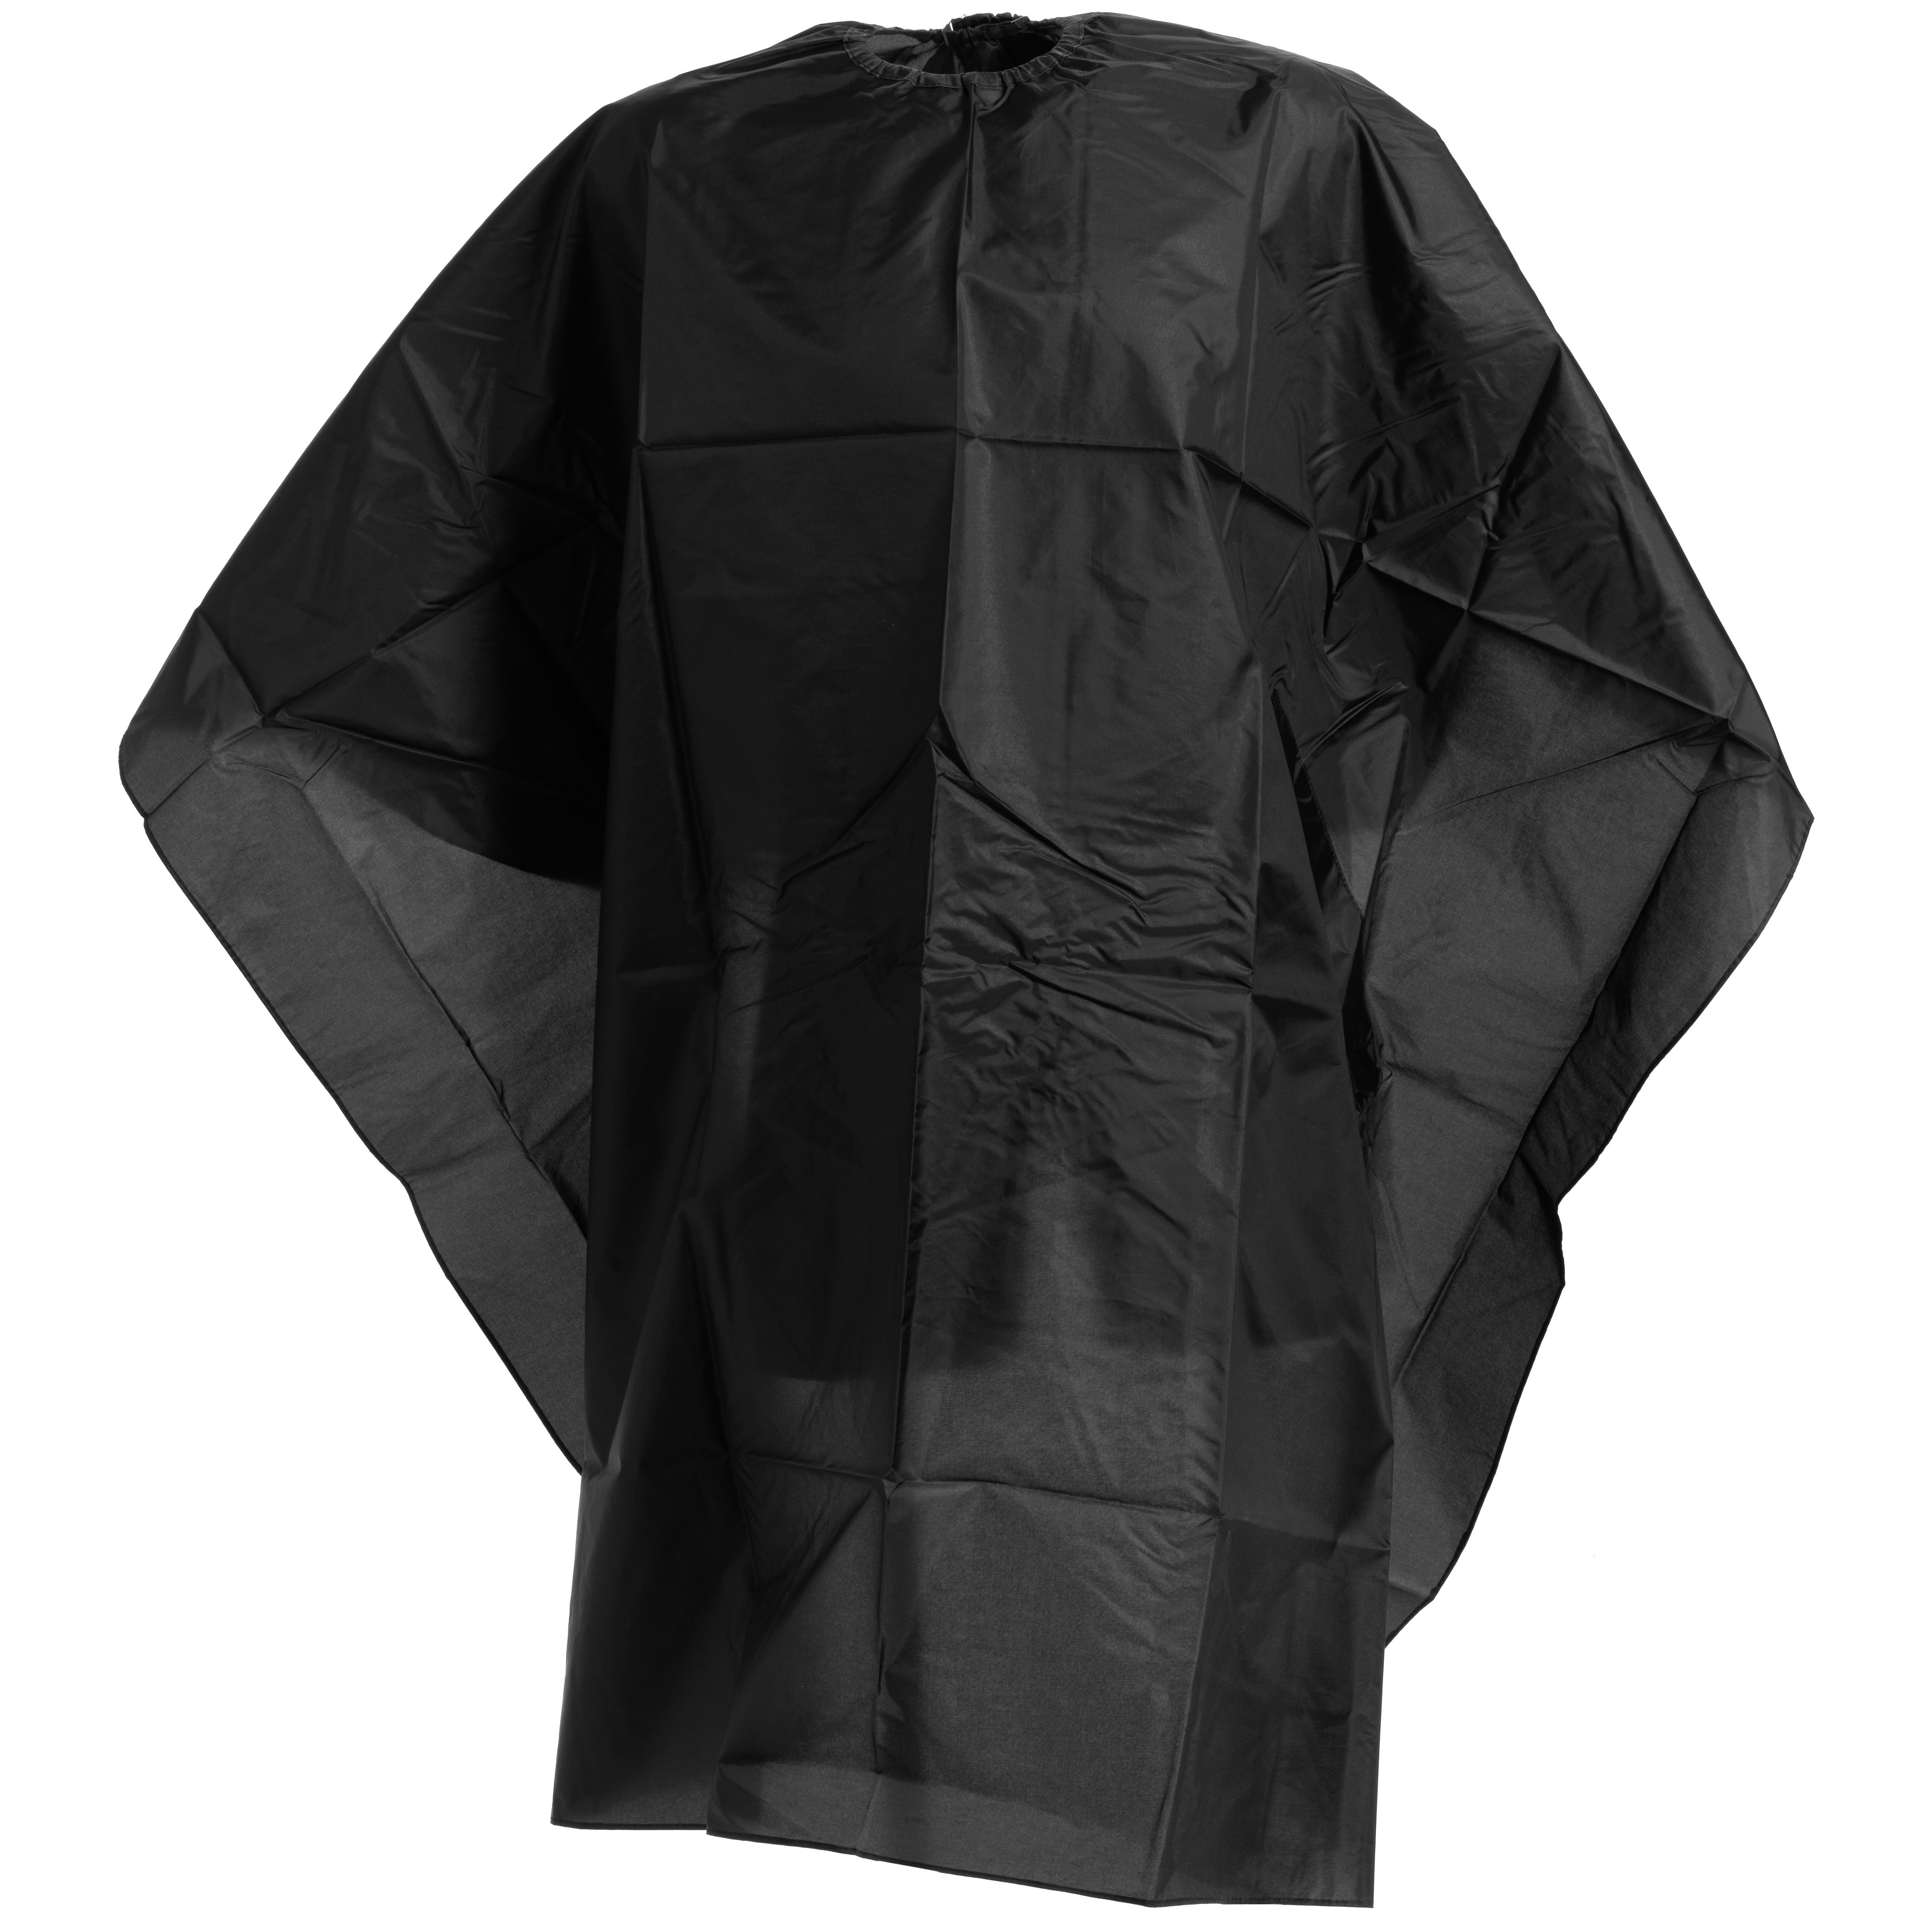 Cutting cape basic 5535 - kadernícka pláštenka na strihanie, farbenie, na háčik